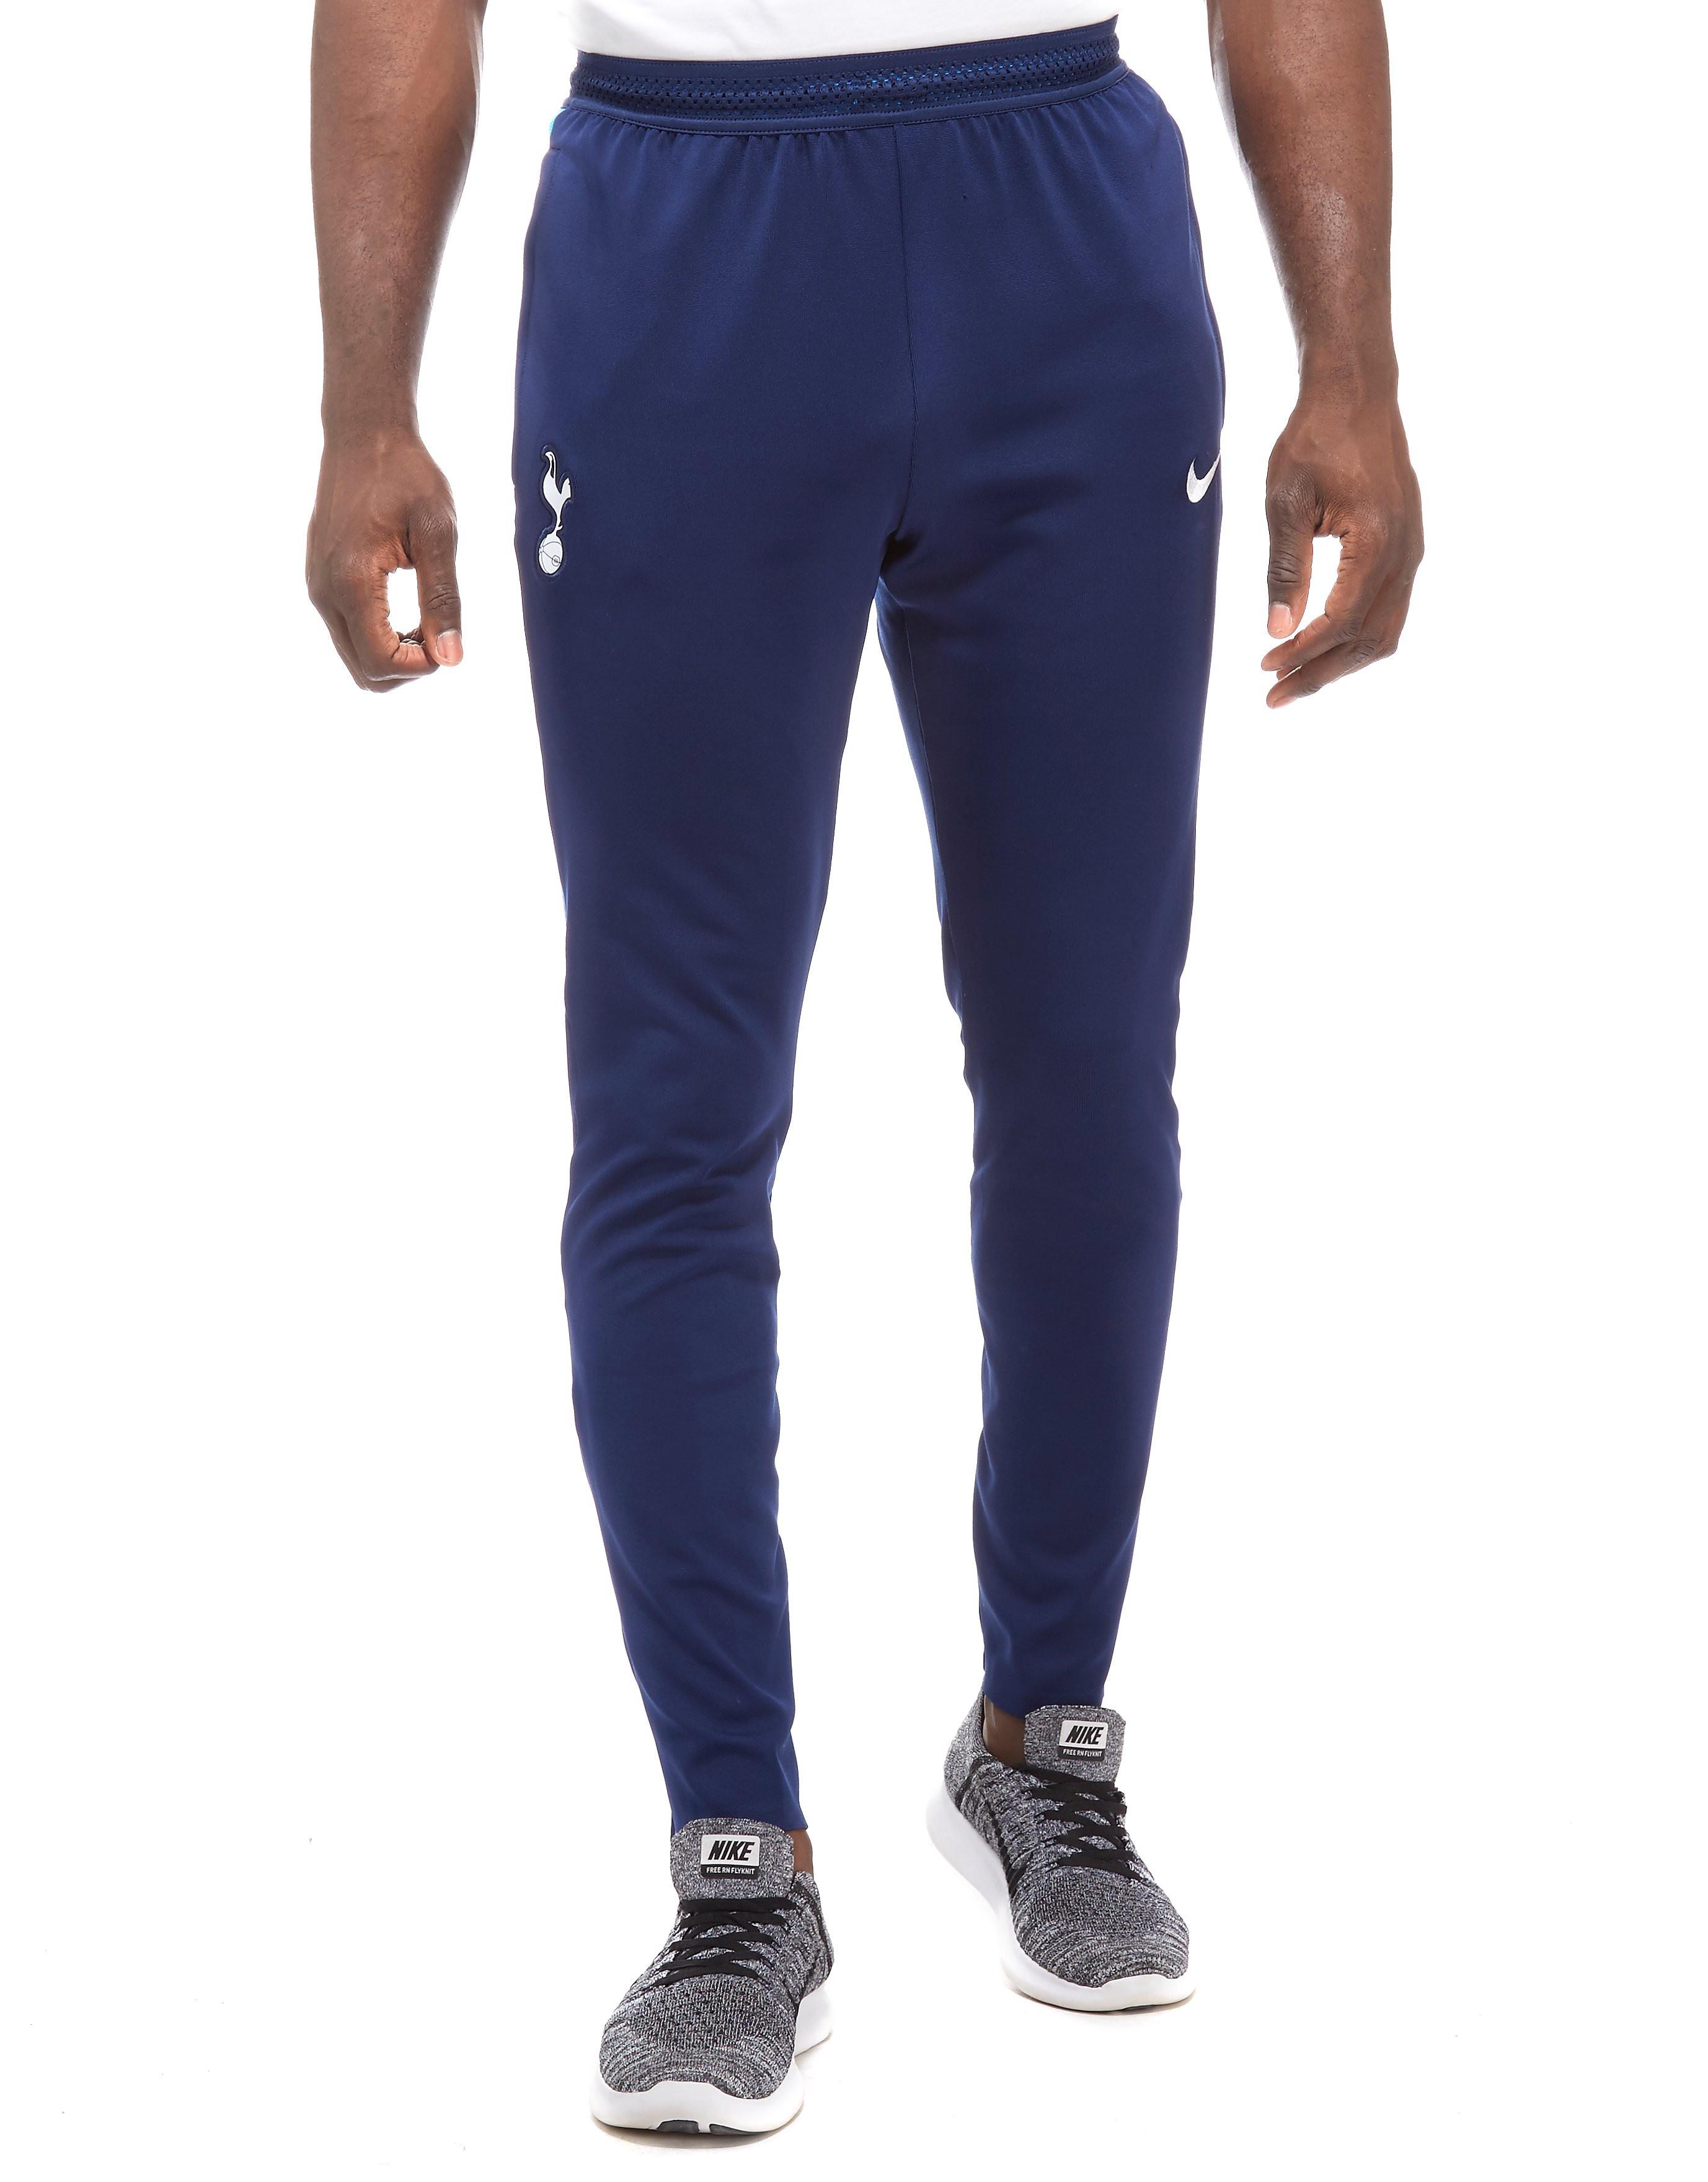 Nike Tottenham Hotspur 2017 Aero Swift Pants